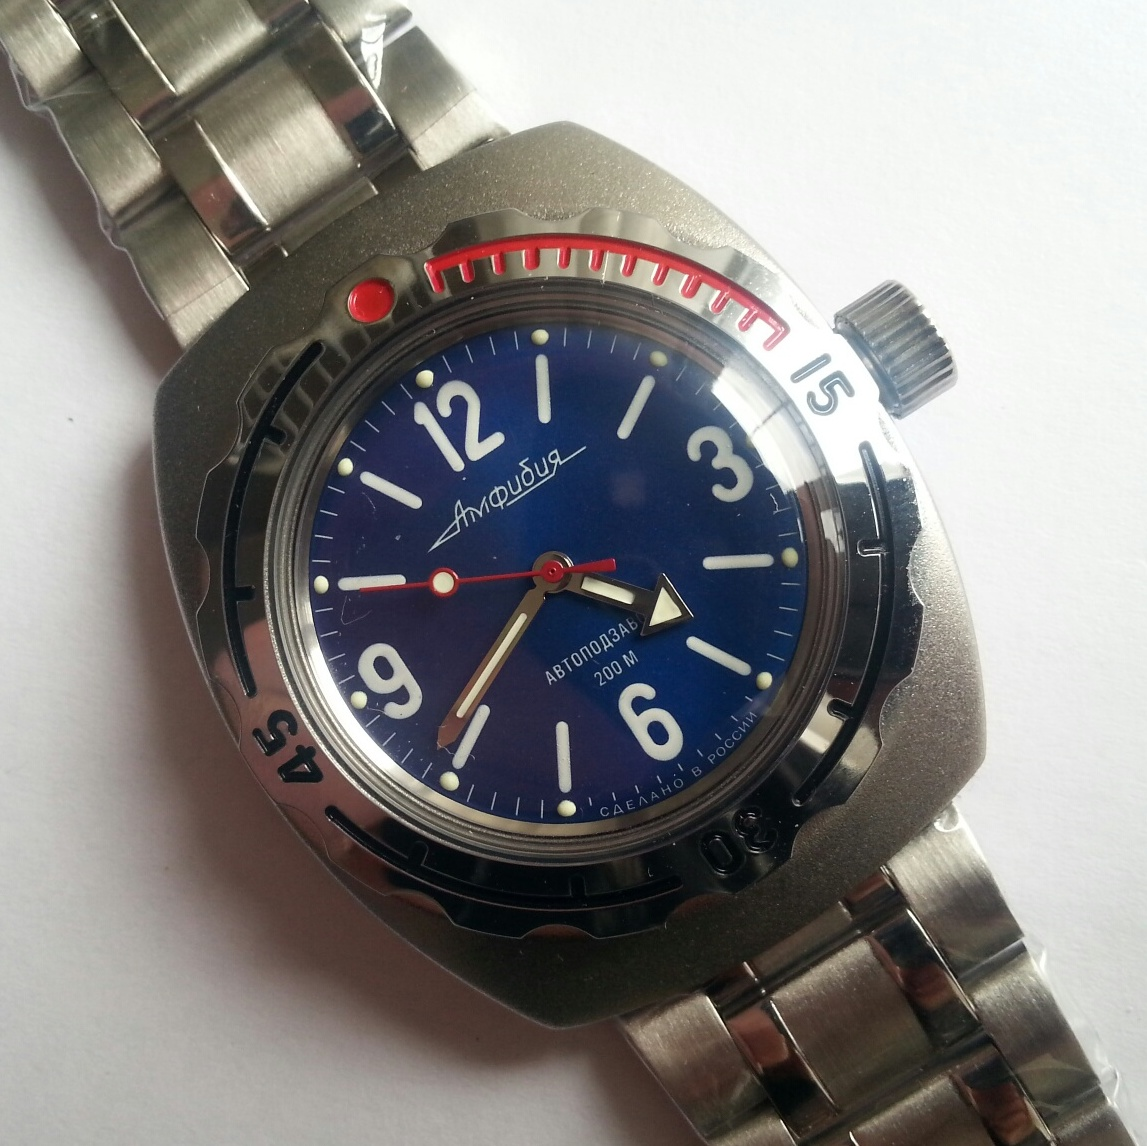 Ссср продать амфибия часы советских времен часы продам